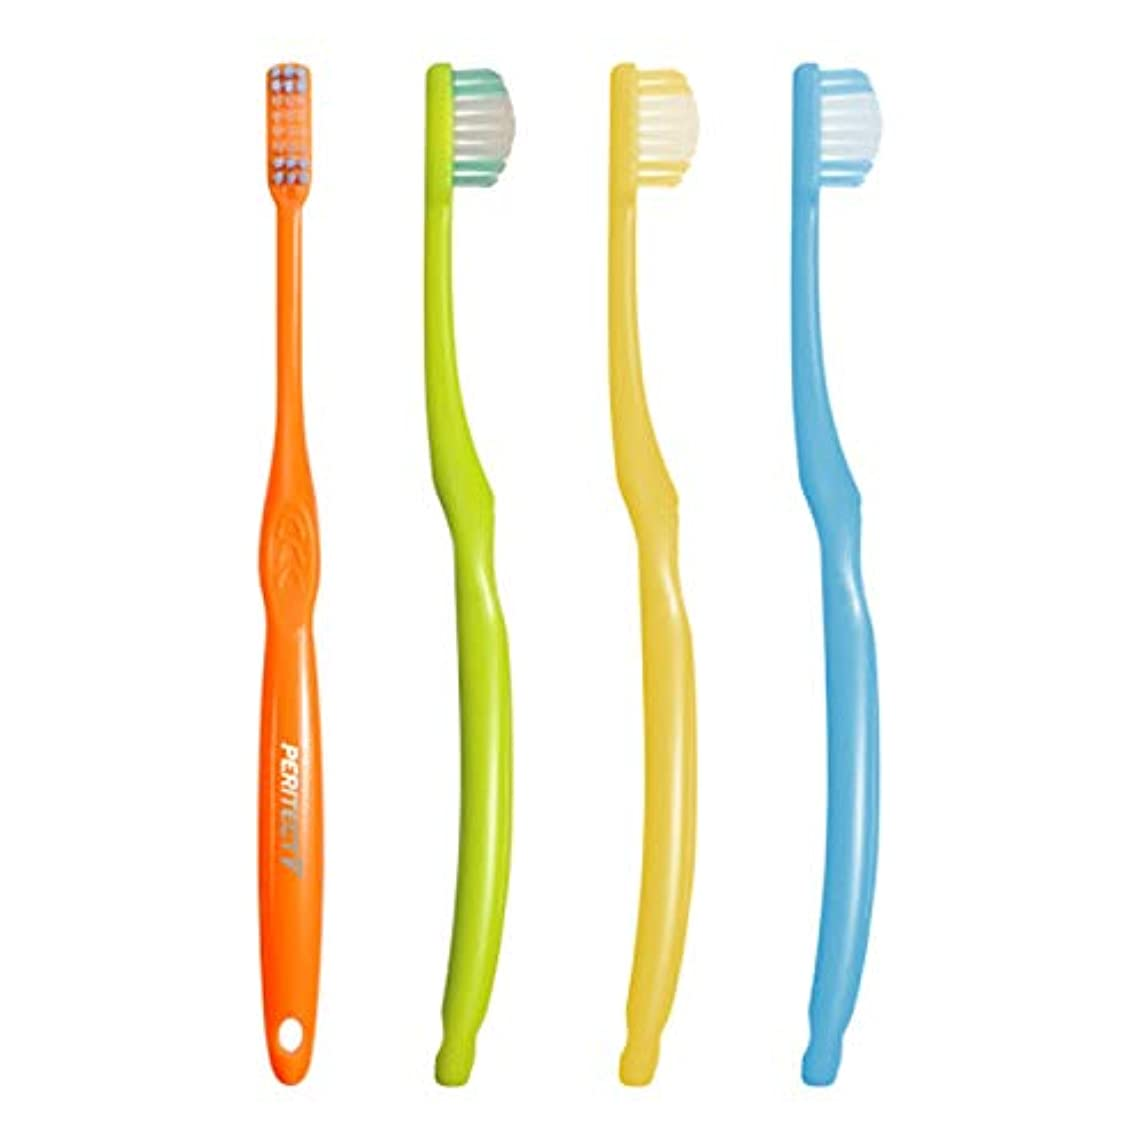 知人ナチュラル好ましいビーブランド PERITECT V ペリテクト ブイ 歯ブラシ (8M ふつう) × 5本 歯科専売品